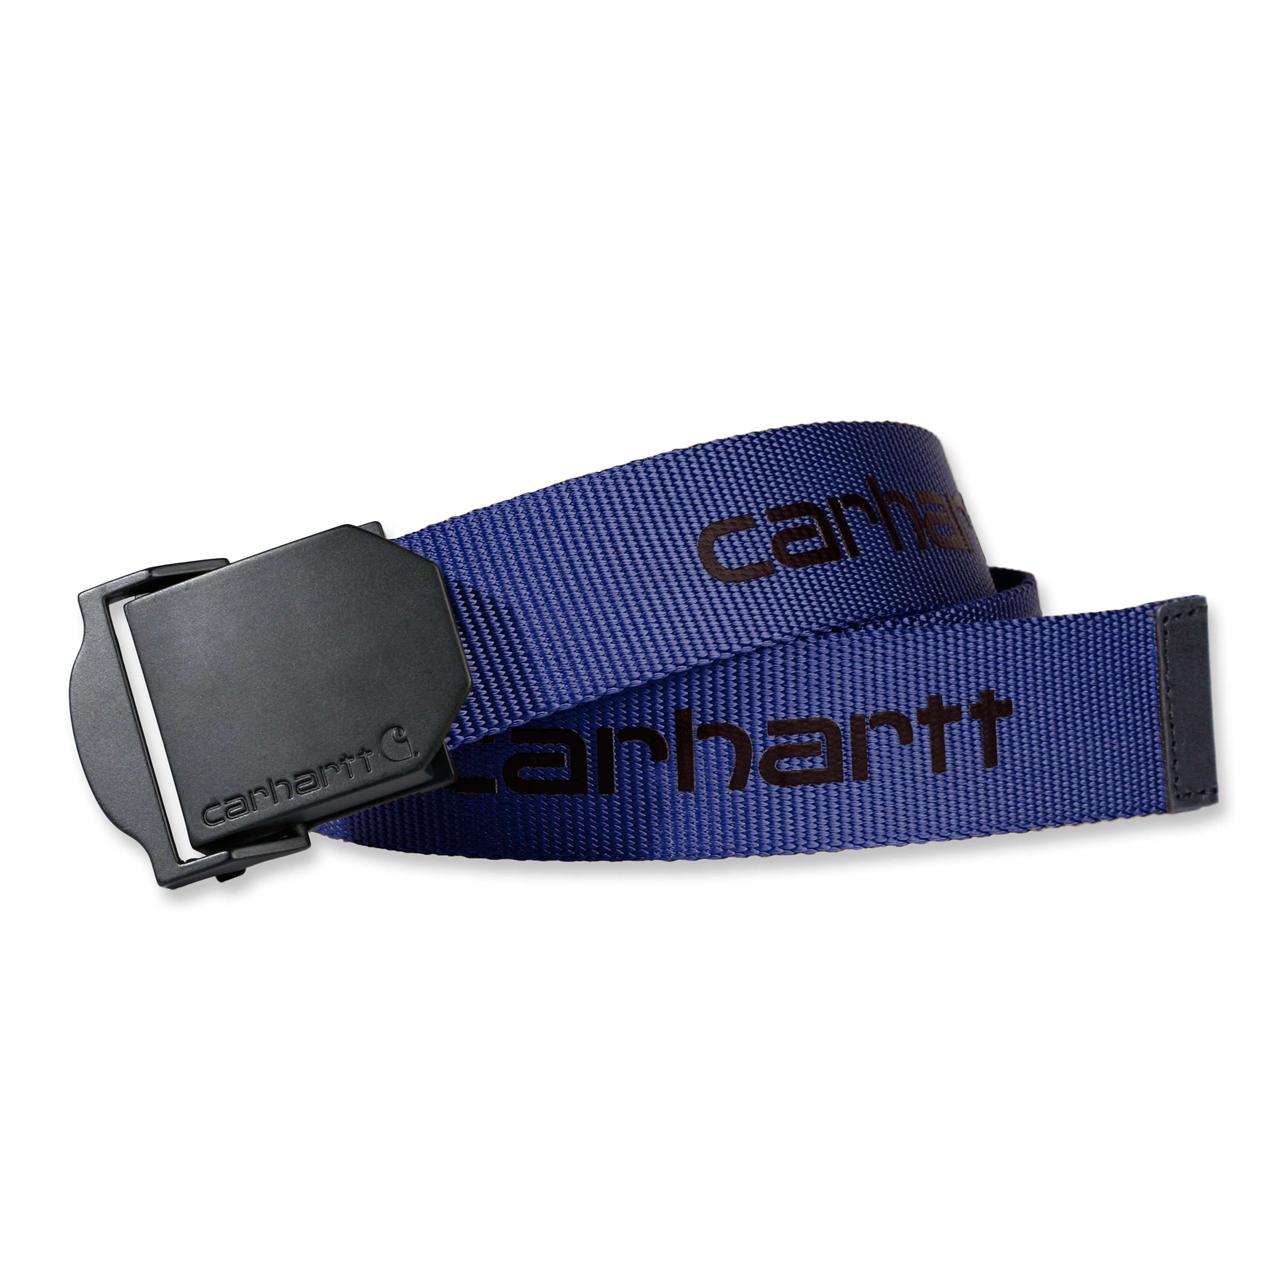 Carhartt Bælte Webbing Belt Dusk Blue - Mærker|Diverse -> Arbejdstøj og sikkerhedssko|Diverse|Mærker -> Carhartt -> Bælter|Mærker -> Carhartt